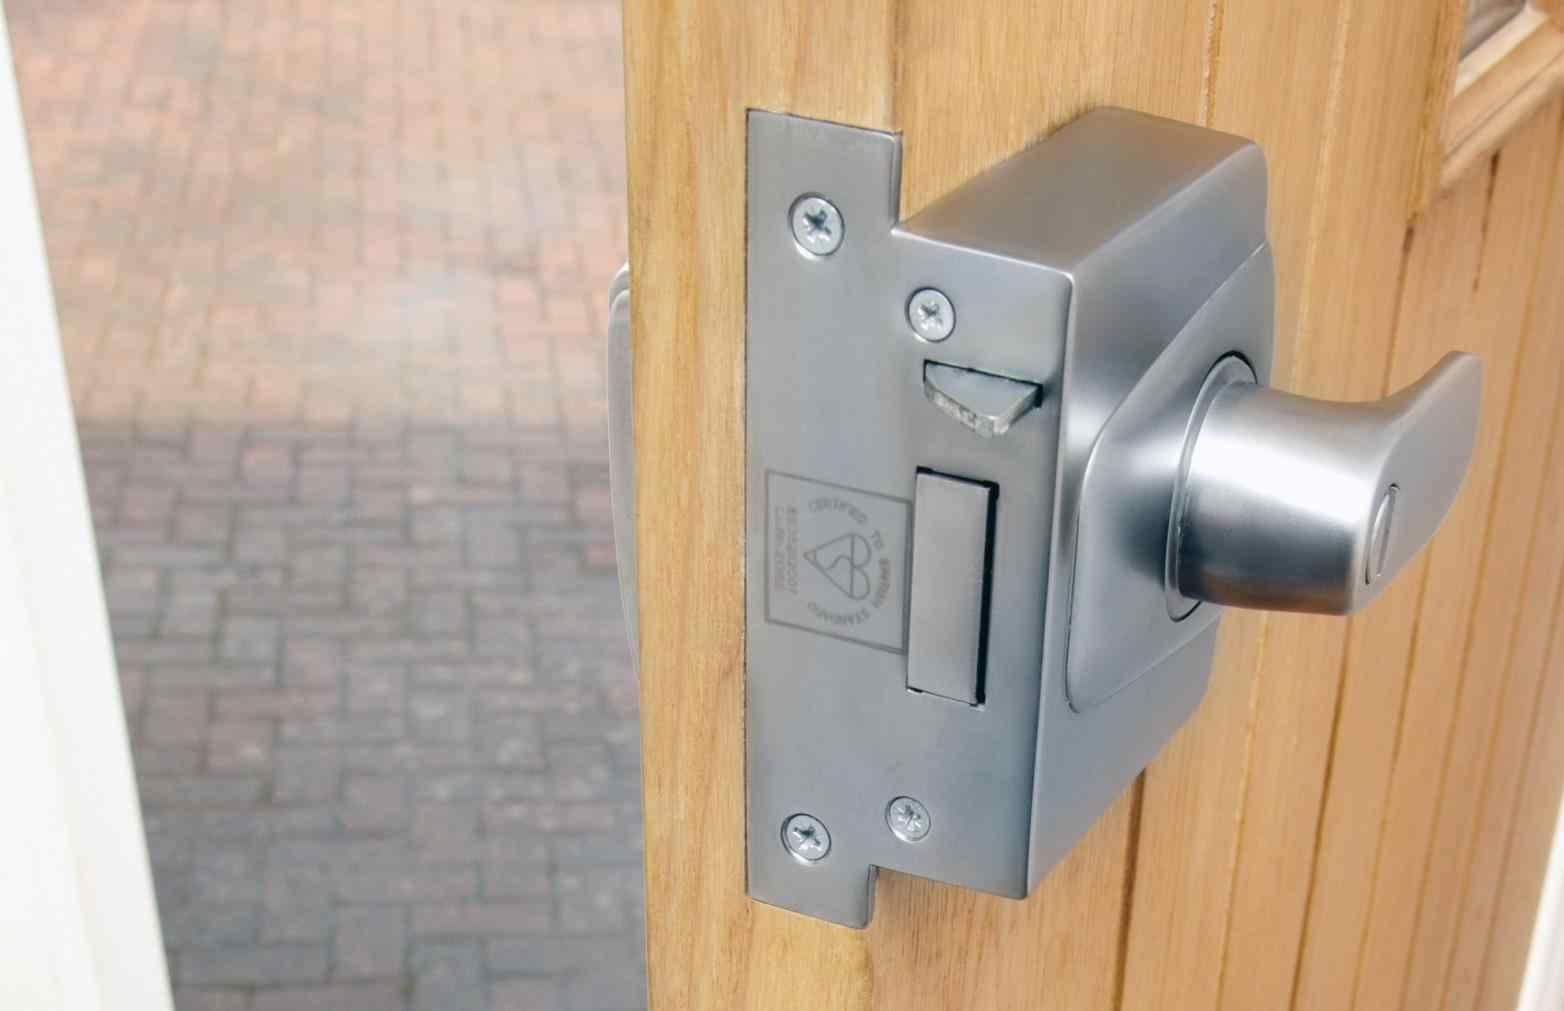 Burglar Secure Door Handles Picture Album Images Are Ideas Secure Door Security Locker Door Handles Picture Al Security Door Door Lock Security Security Locker